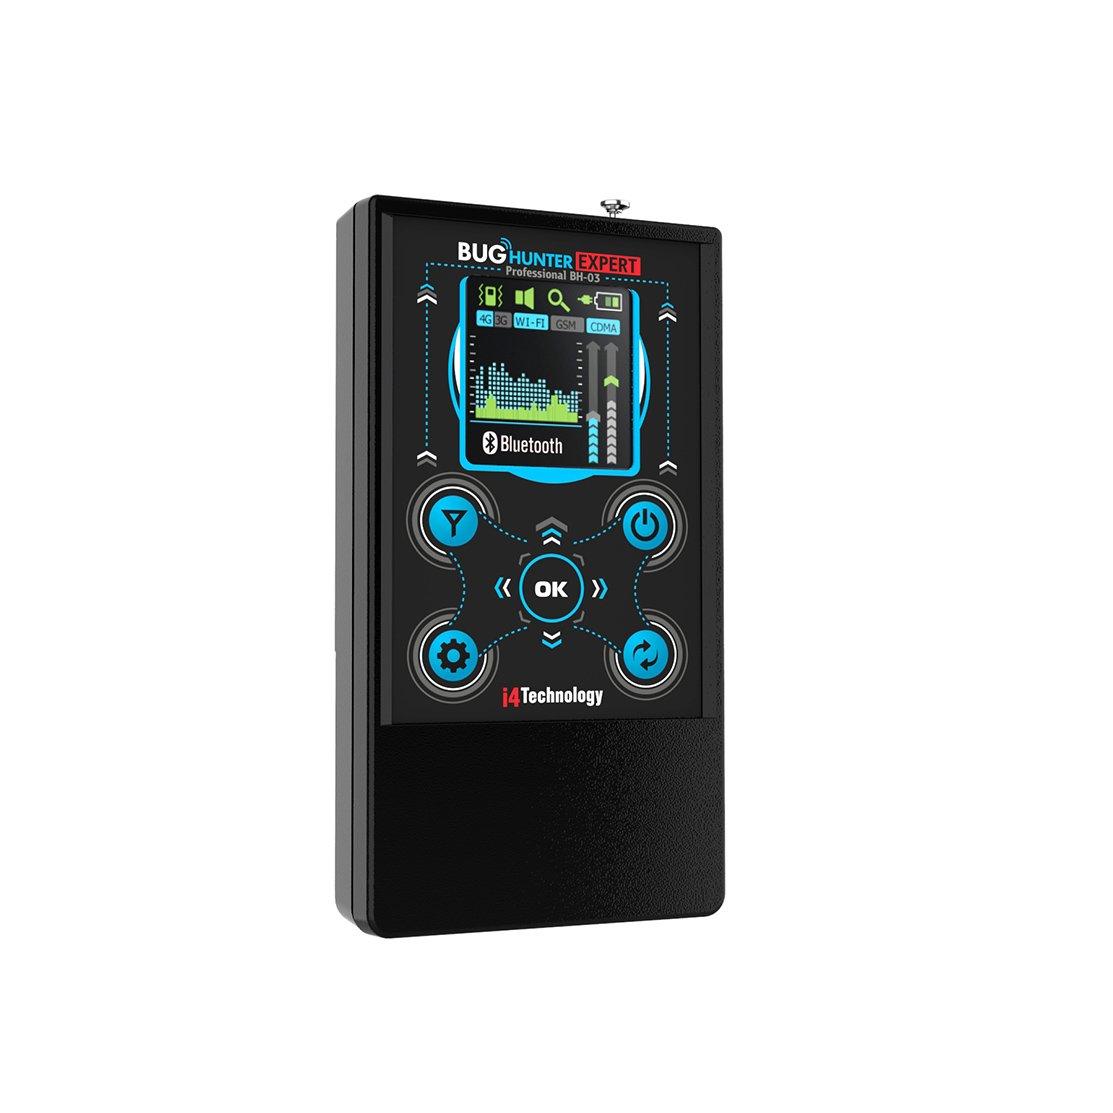 BH-03 Expert Detector de Frecuencias portátil 4G, 3G, WiFi, GPS y Bluetooth: Amazon.es: Bricolaje y herramientas